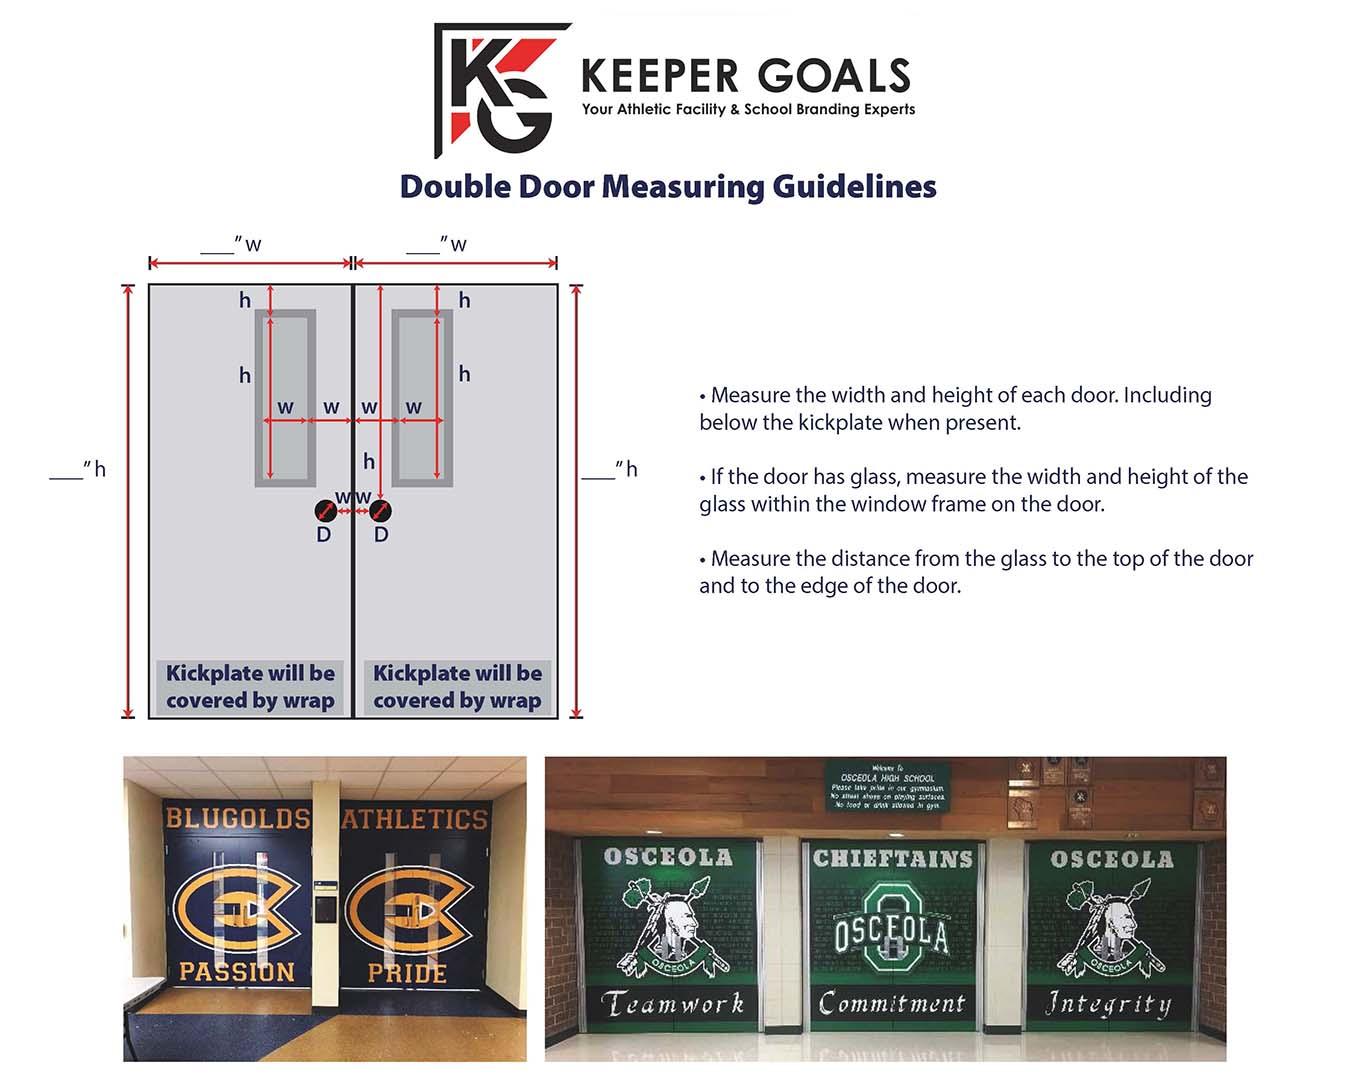 Measurement guidelines for Double Door Wrap